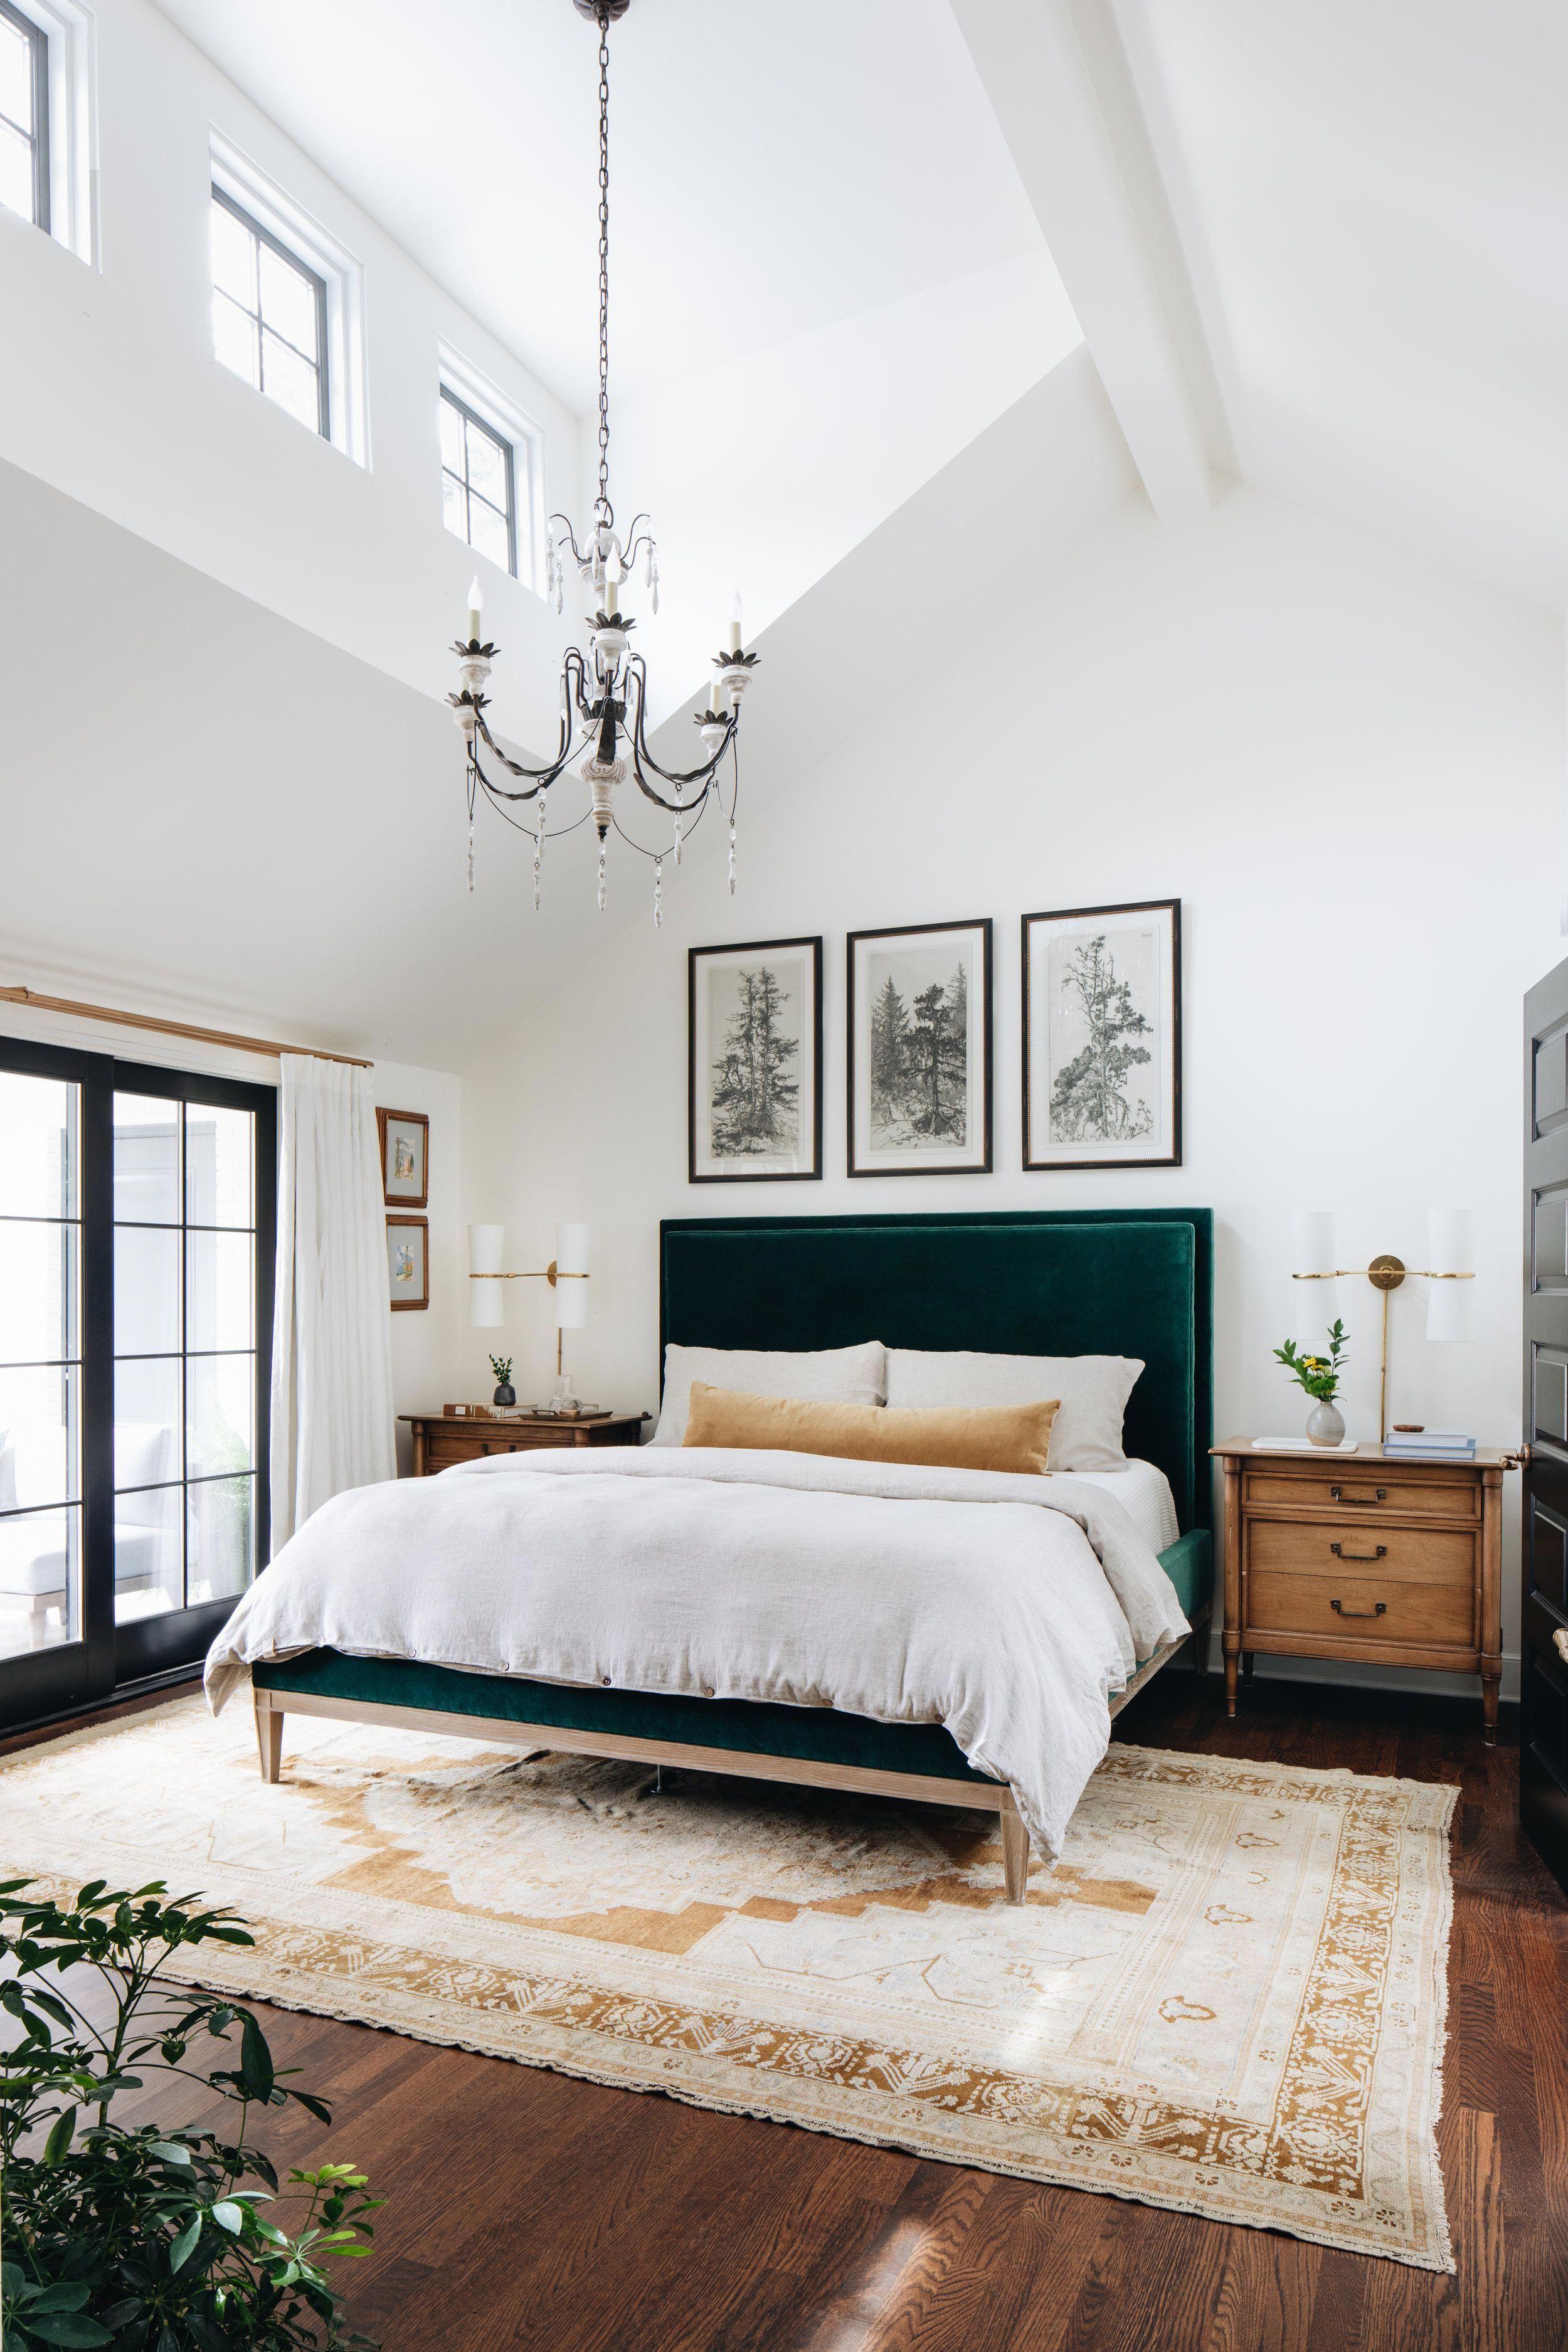 10x10 Bedroom: Fixer Upper Master Bedroom